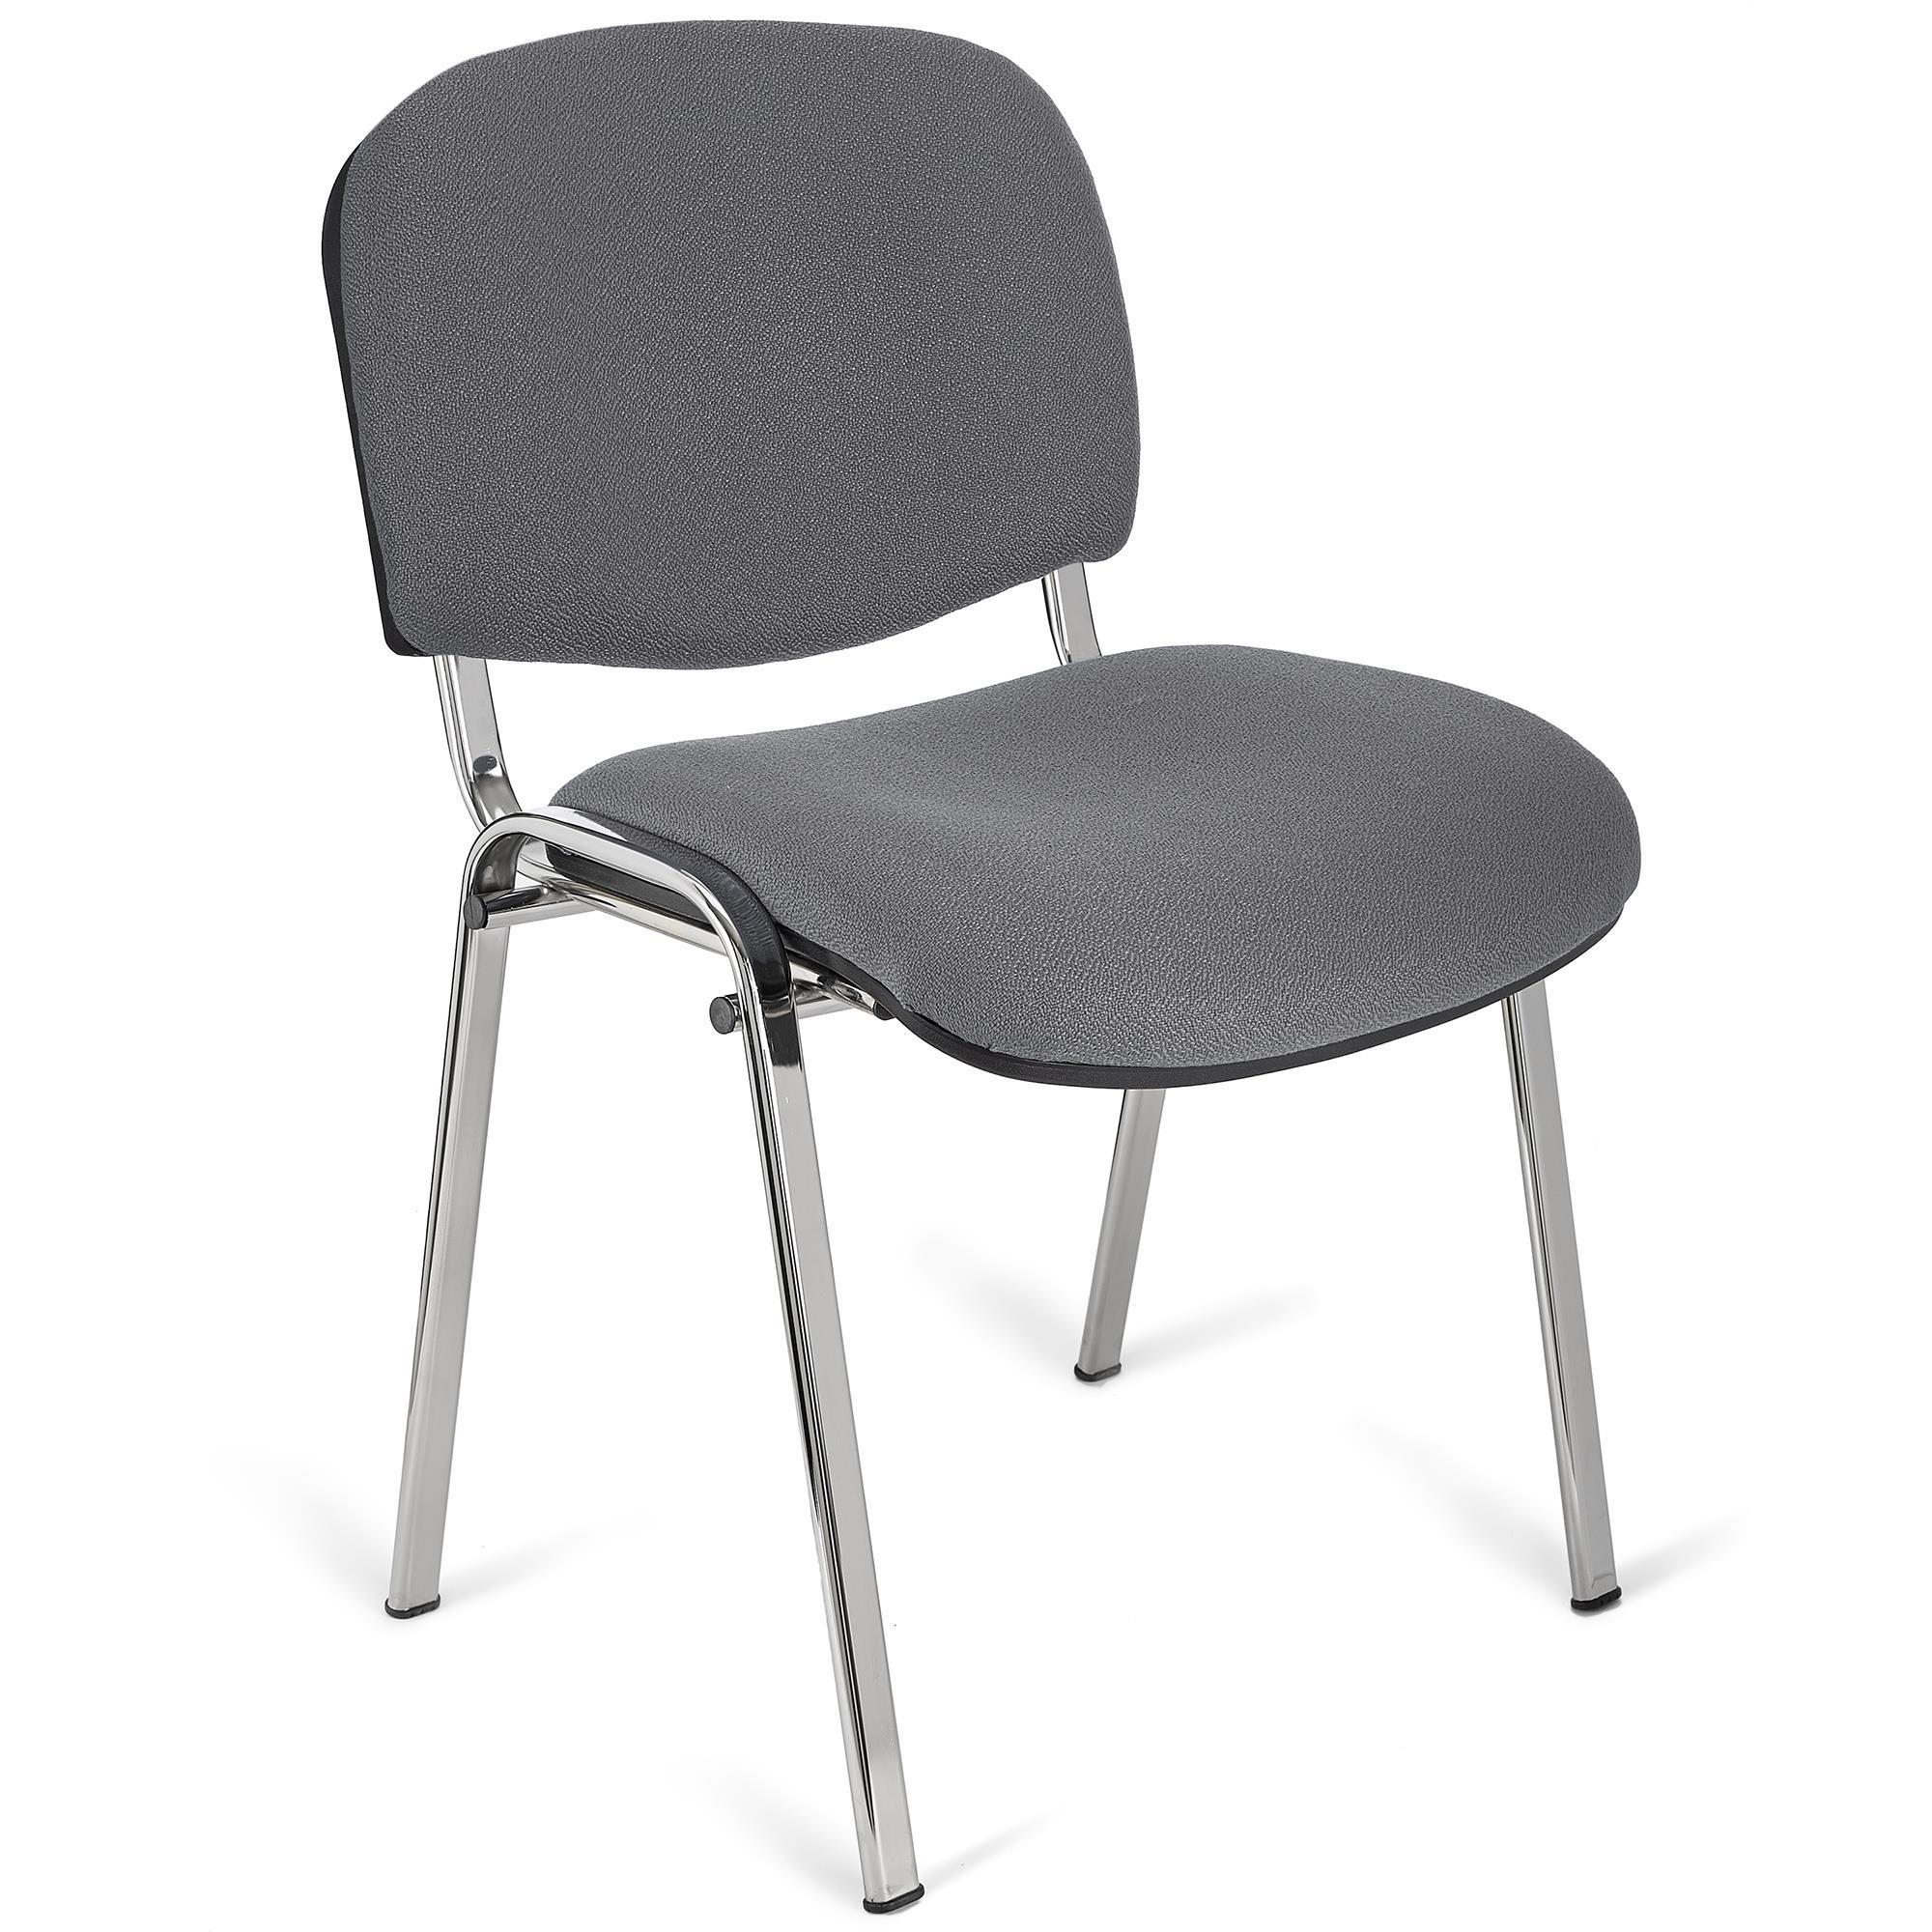 Lote 5 sillas de confidente moby base en negro y patas for Sillas cromadas precios